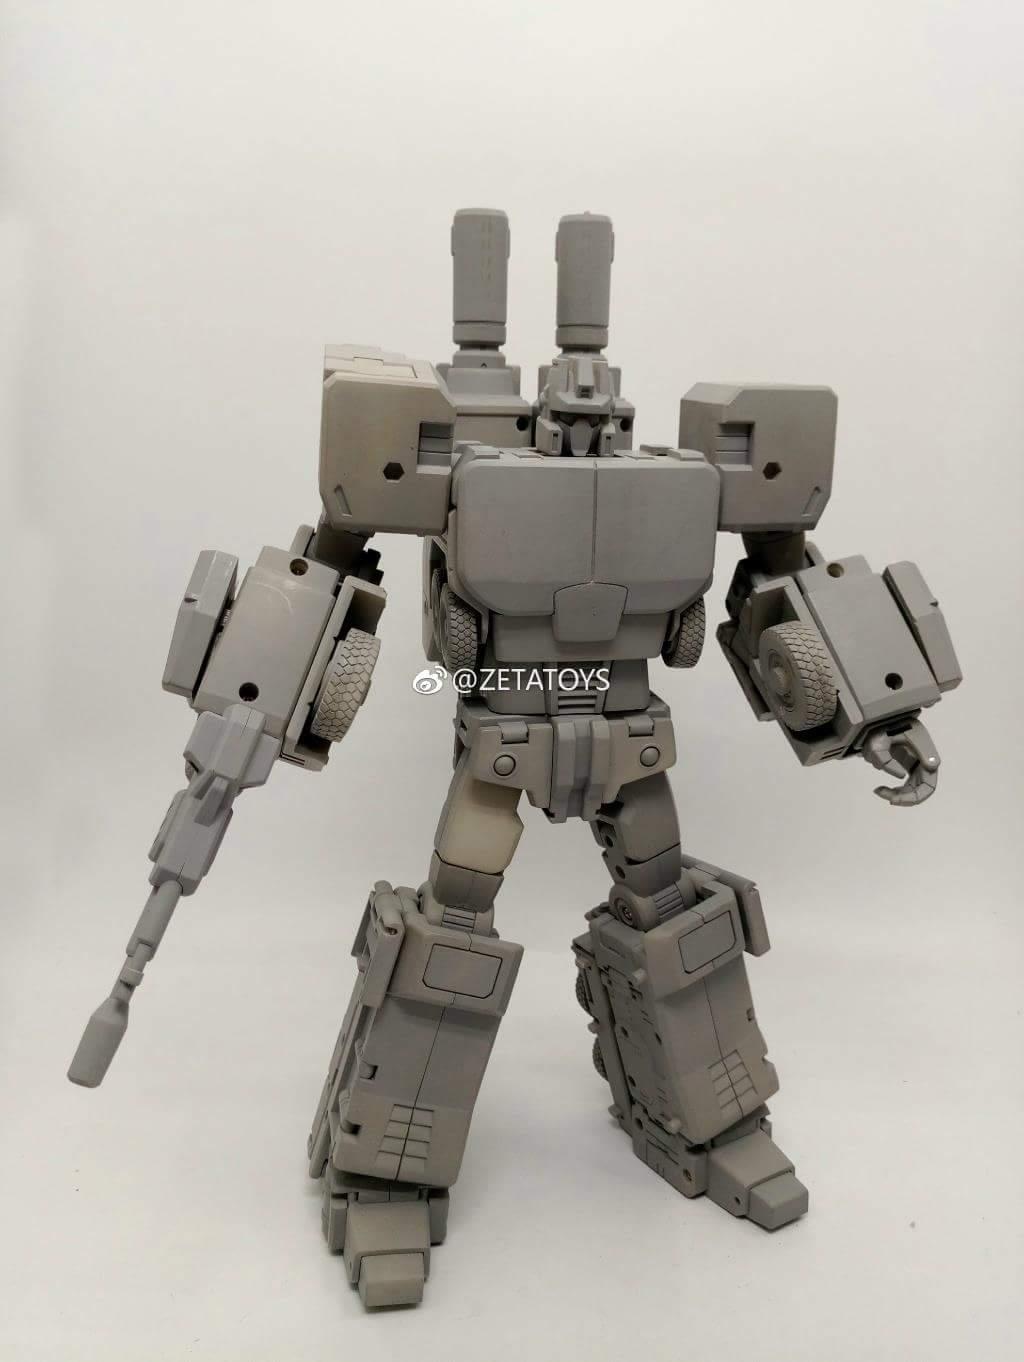 [Zeta Toys] Produit Tiers - Armageddon (ZA-01 à ZA-05) - ZA-06 Bruticon - ZA-07 Bruticon ― aka Bruticus (Studio OX, couleurs G1, métallique) - Page 2 390650xk